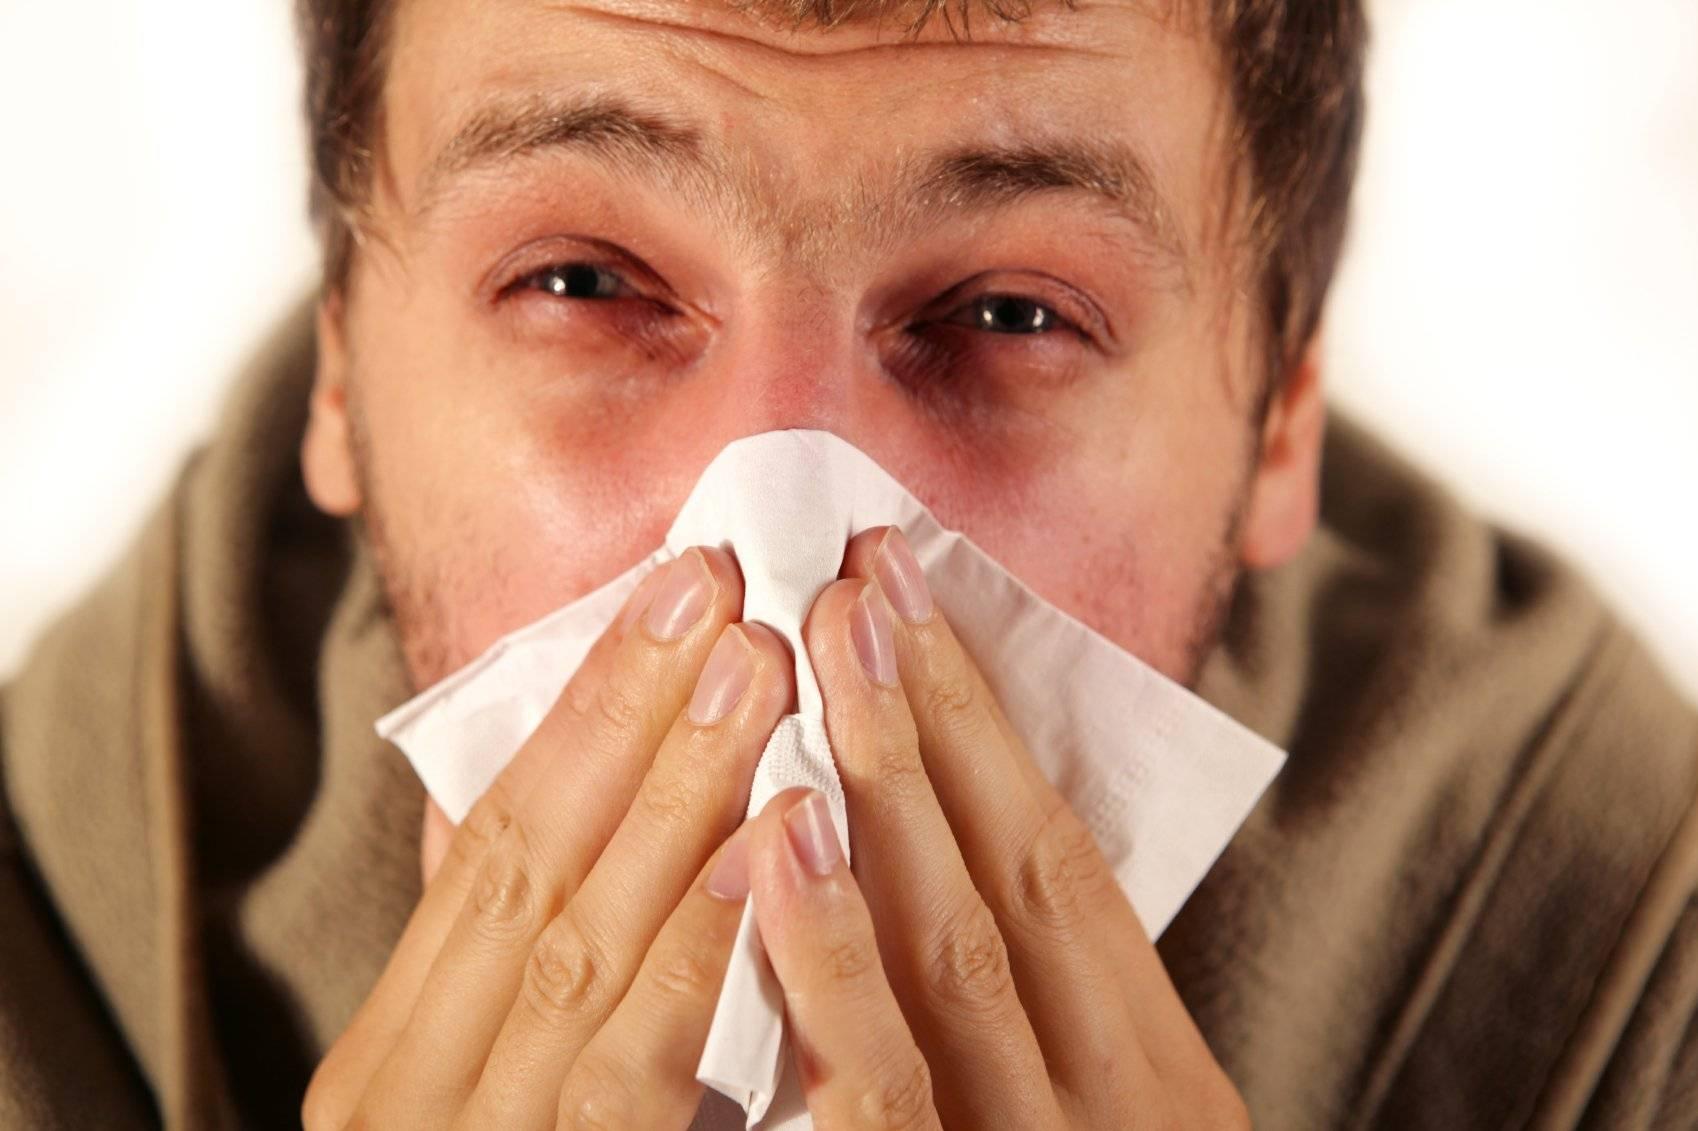 Можно ли посещать сауну при простуде без температуры